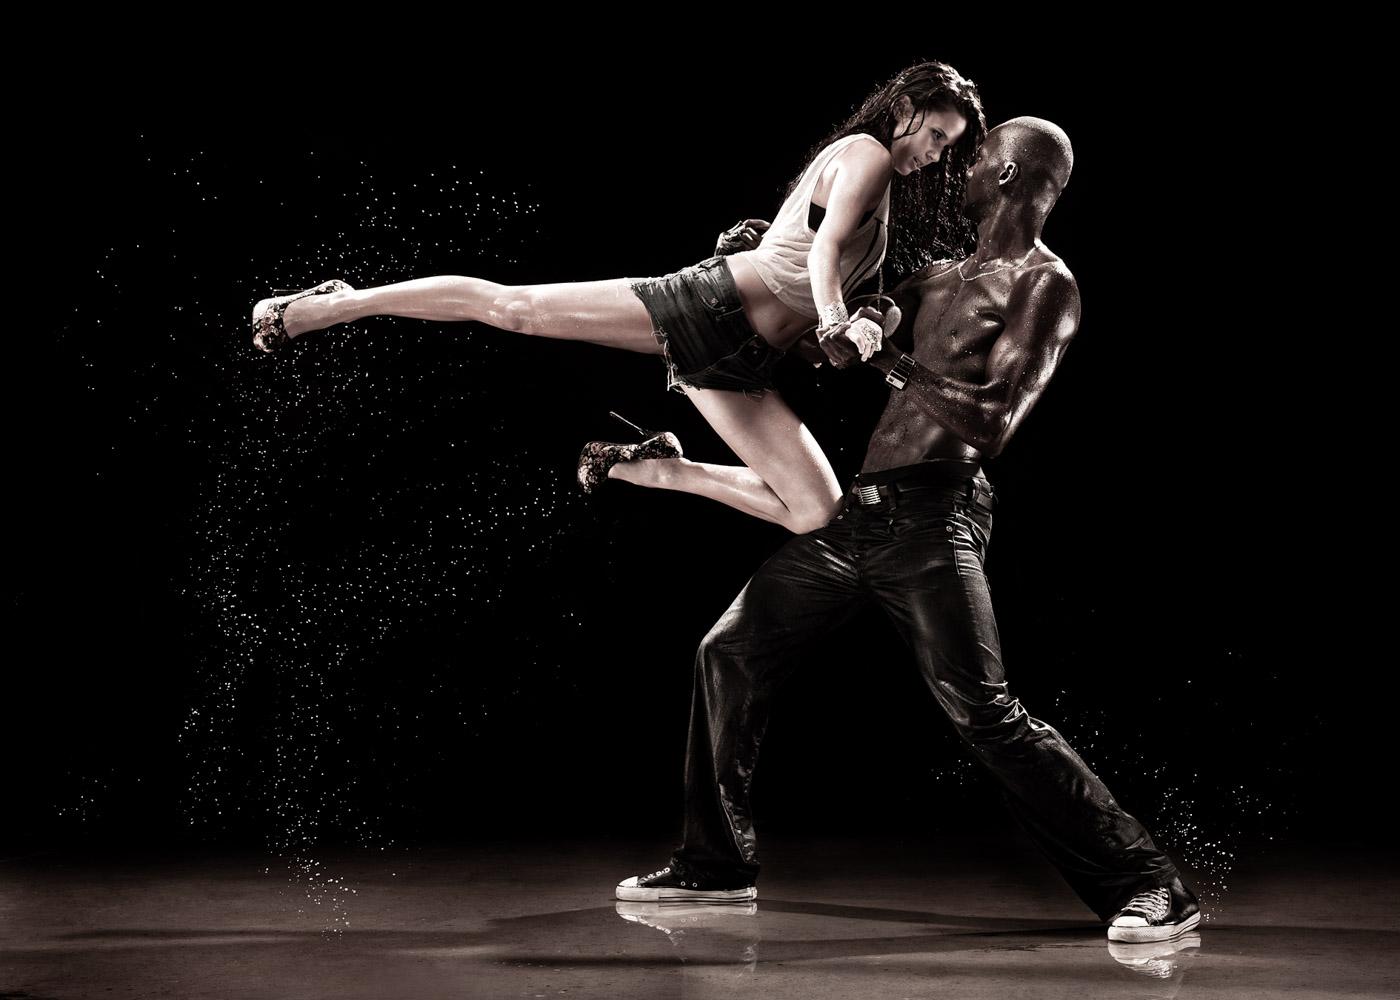 Tanz und Ballet Fotografie